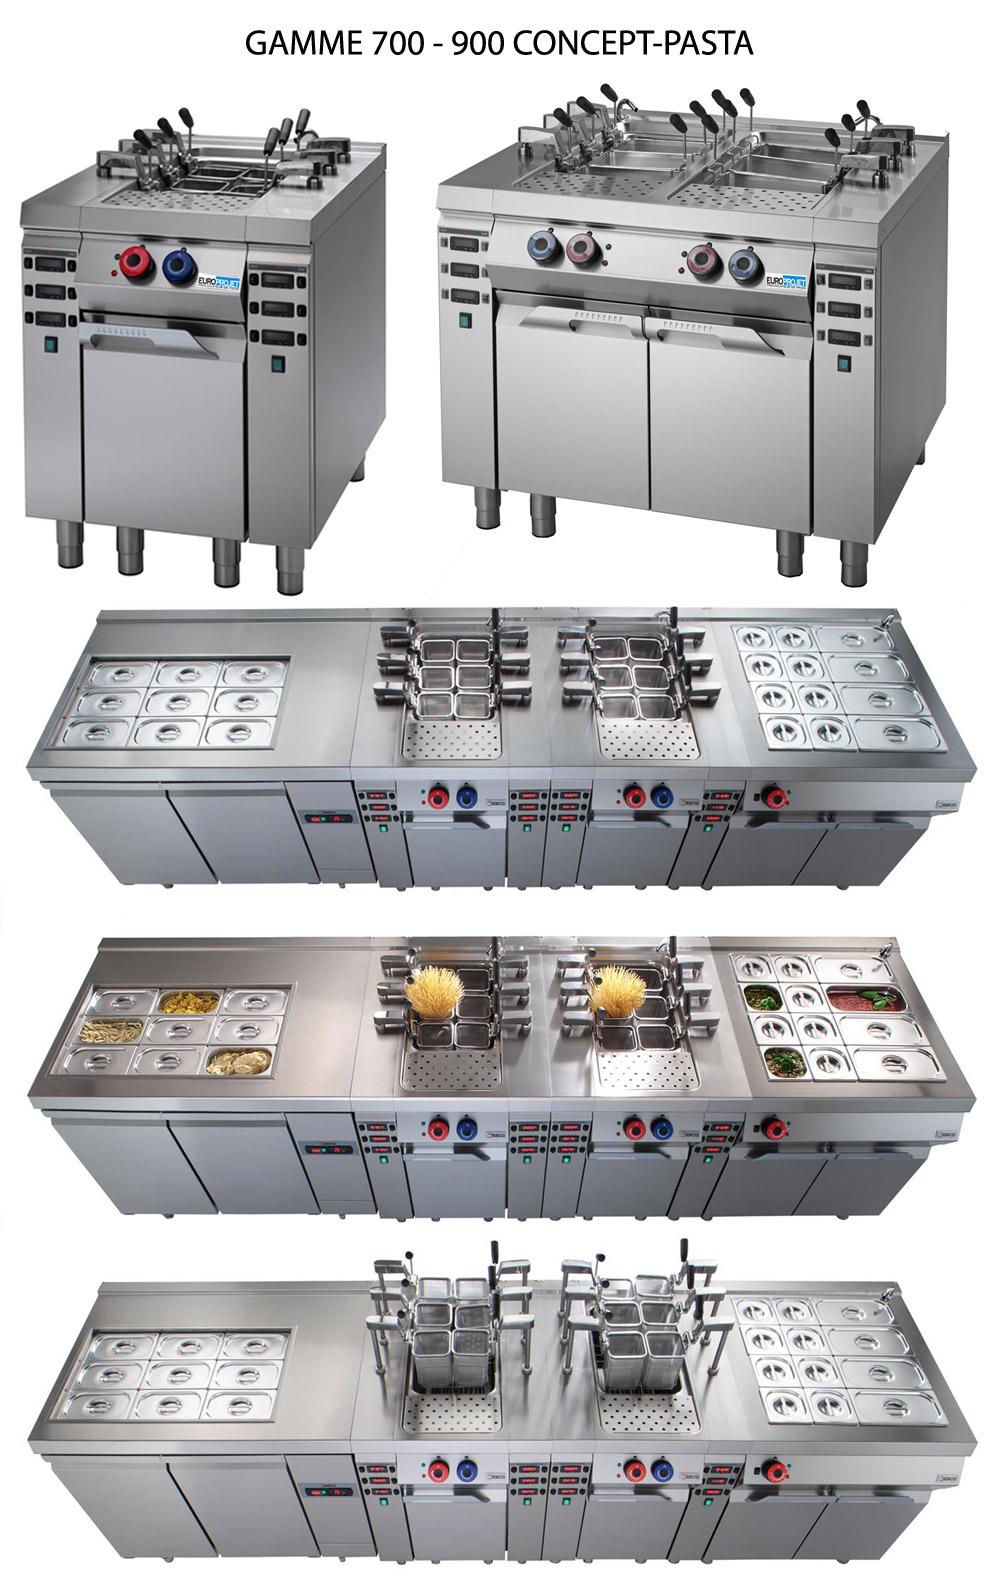 Desco cuiseur automatique p tes bar p tes for Materiel restauration rapide professionnel